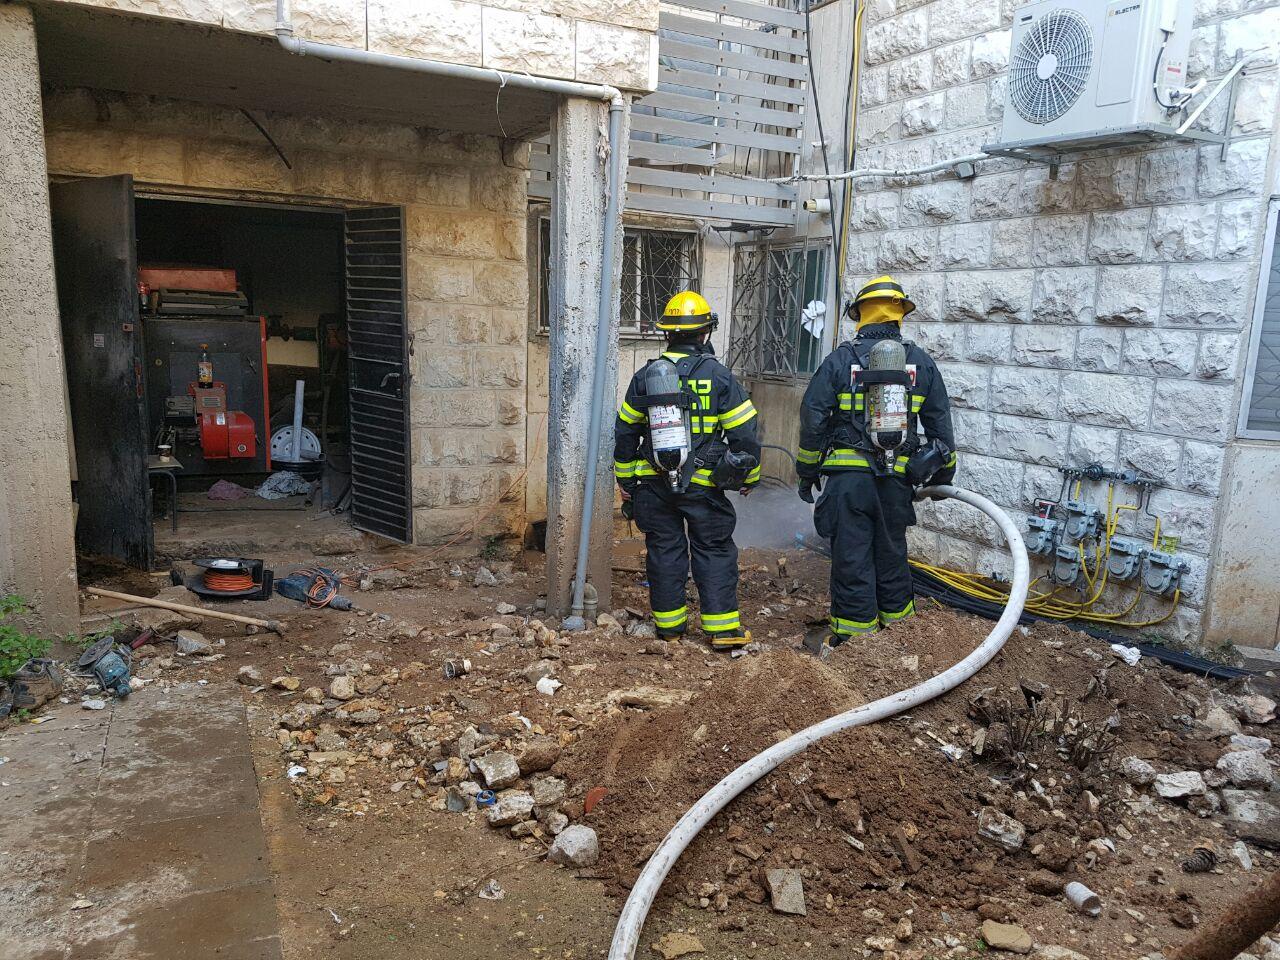 """דליפת הגז בגילה (צילום: רס""""ל אריק אבולוף כבאות והצלה ירושלים)"""